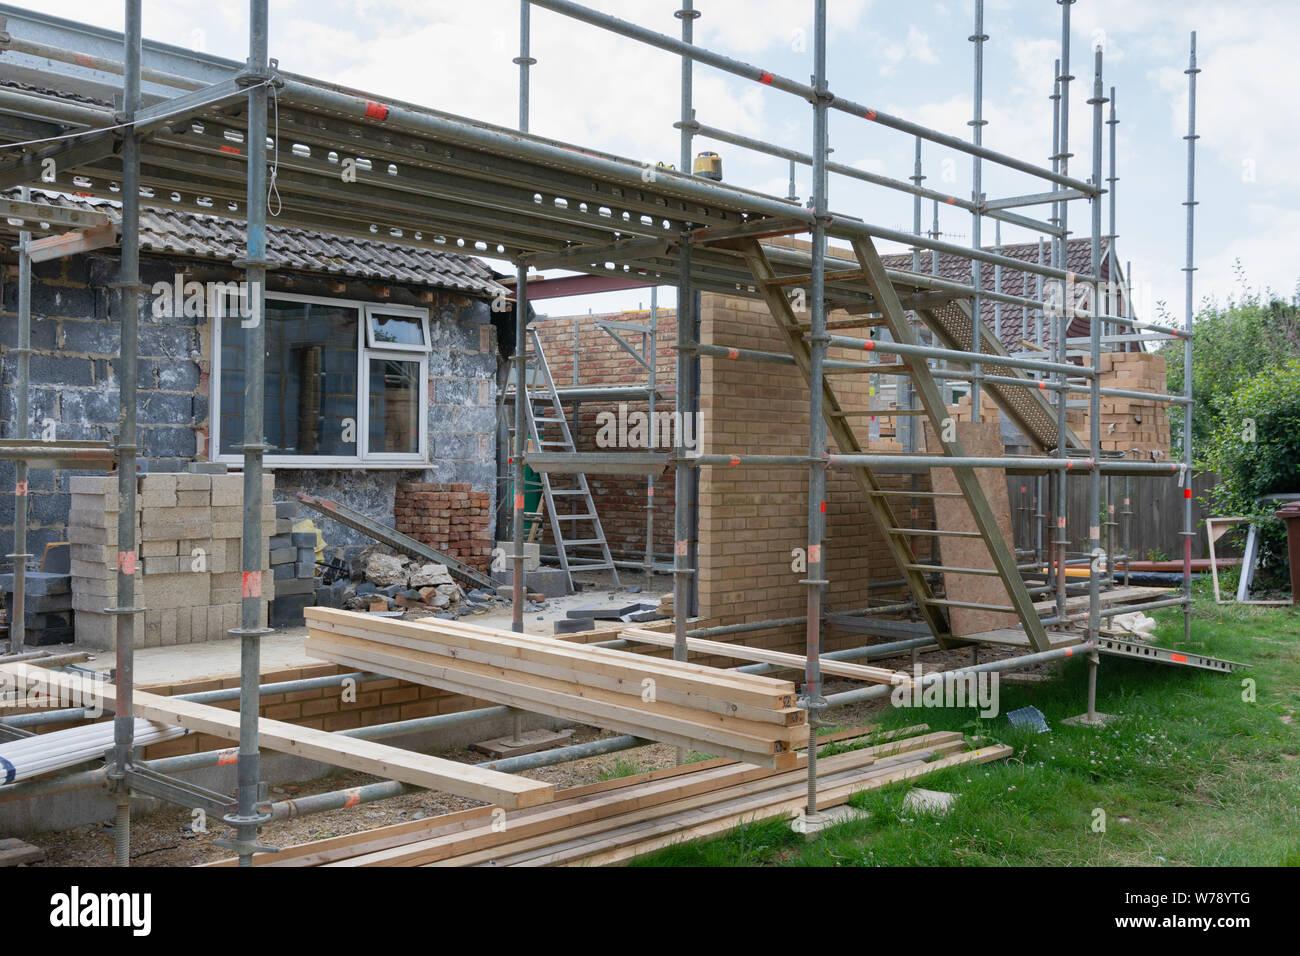 Les projets de rénovation. Construction d'extension de la maison existante, les murs de briques, inachevé, en isolement, des piles de documents sur scaffoliding, Banque D'Images